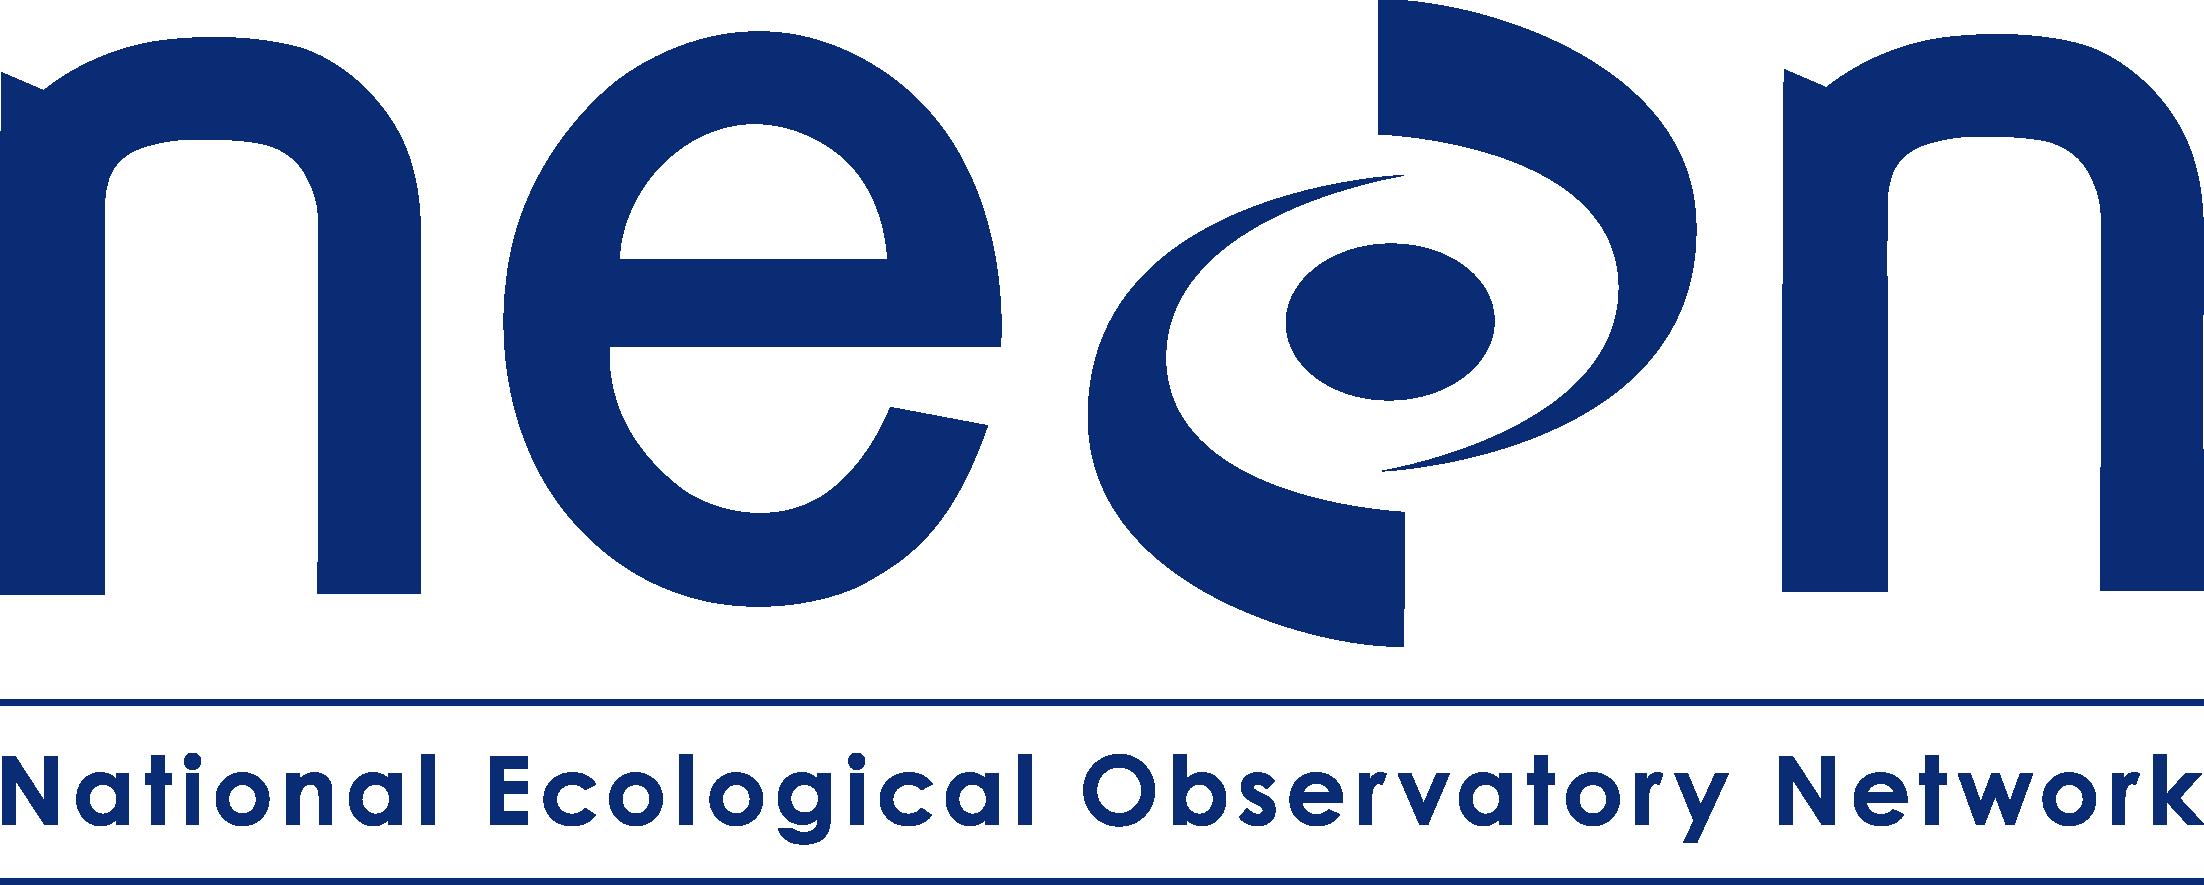 national ecological observatory network logo